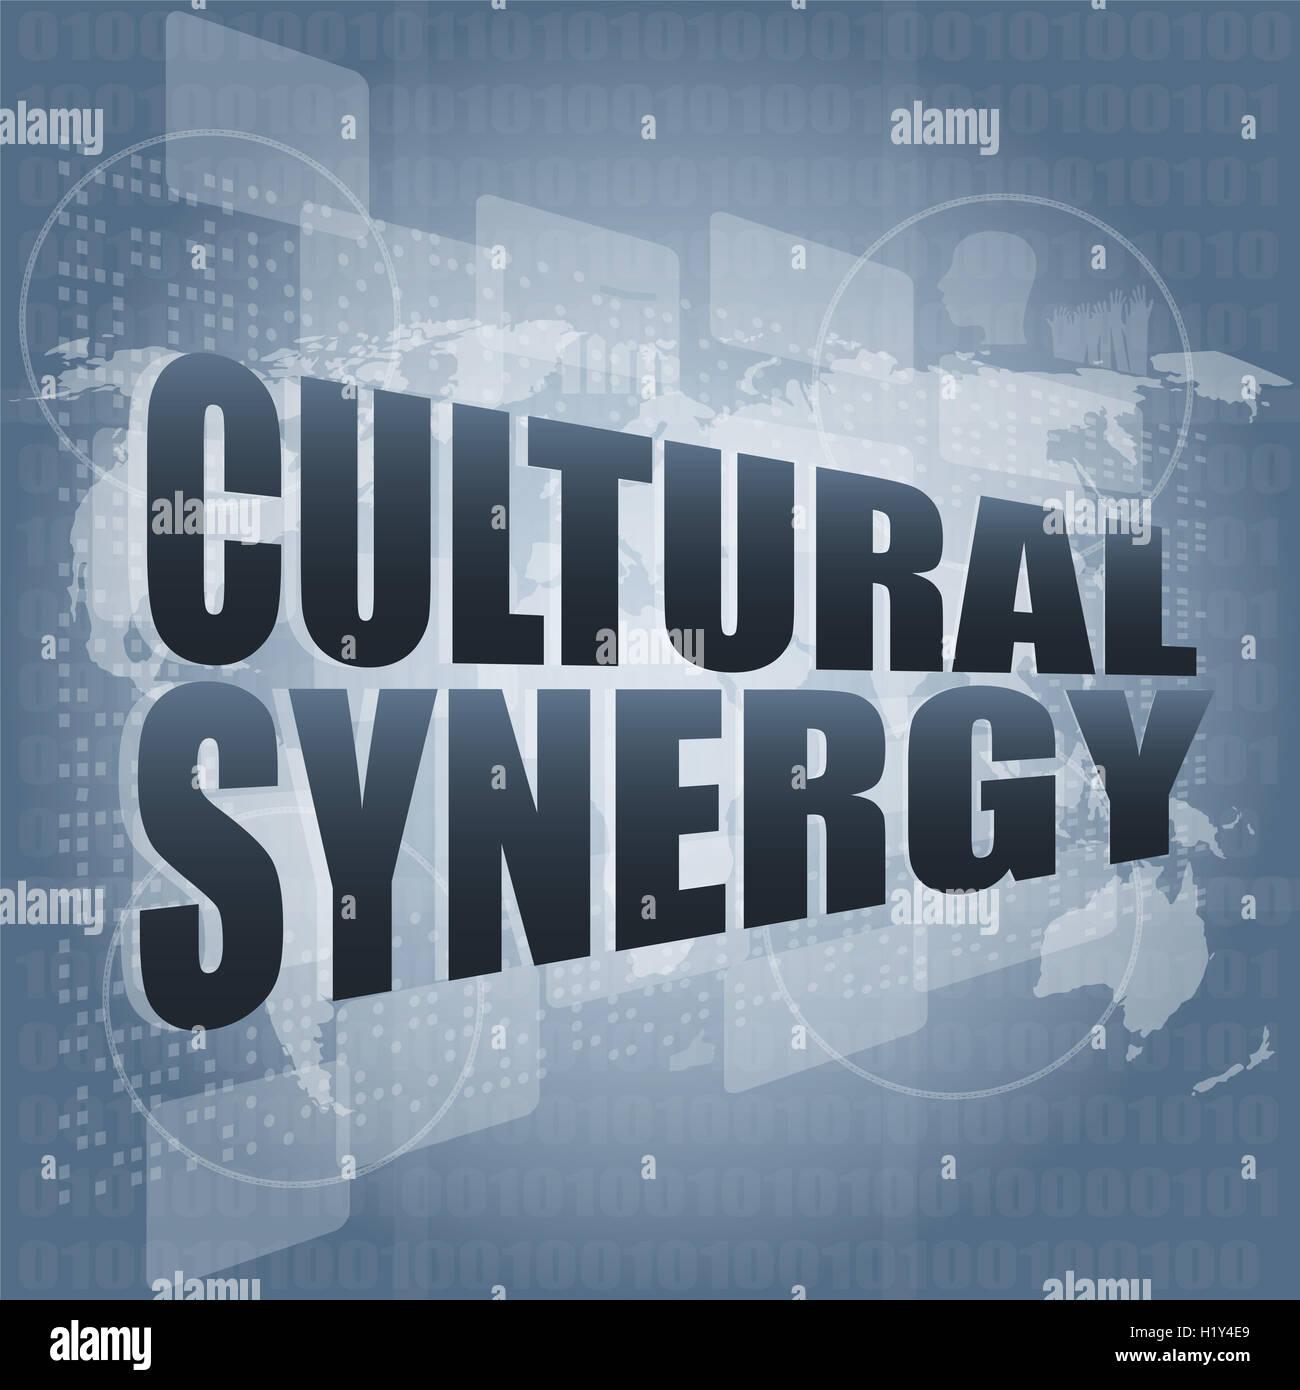 Synergie culturelle mots sur écran numérique avec carte du monde Photo Stock